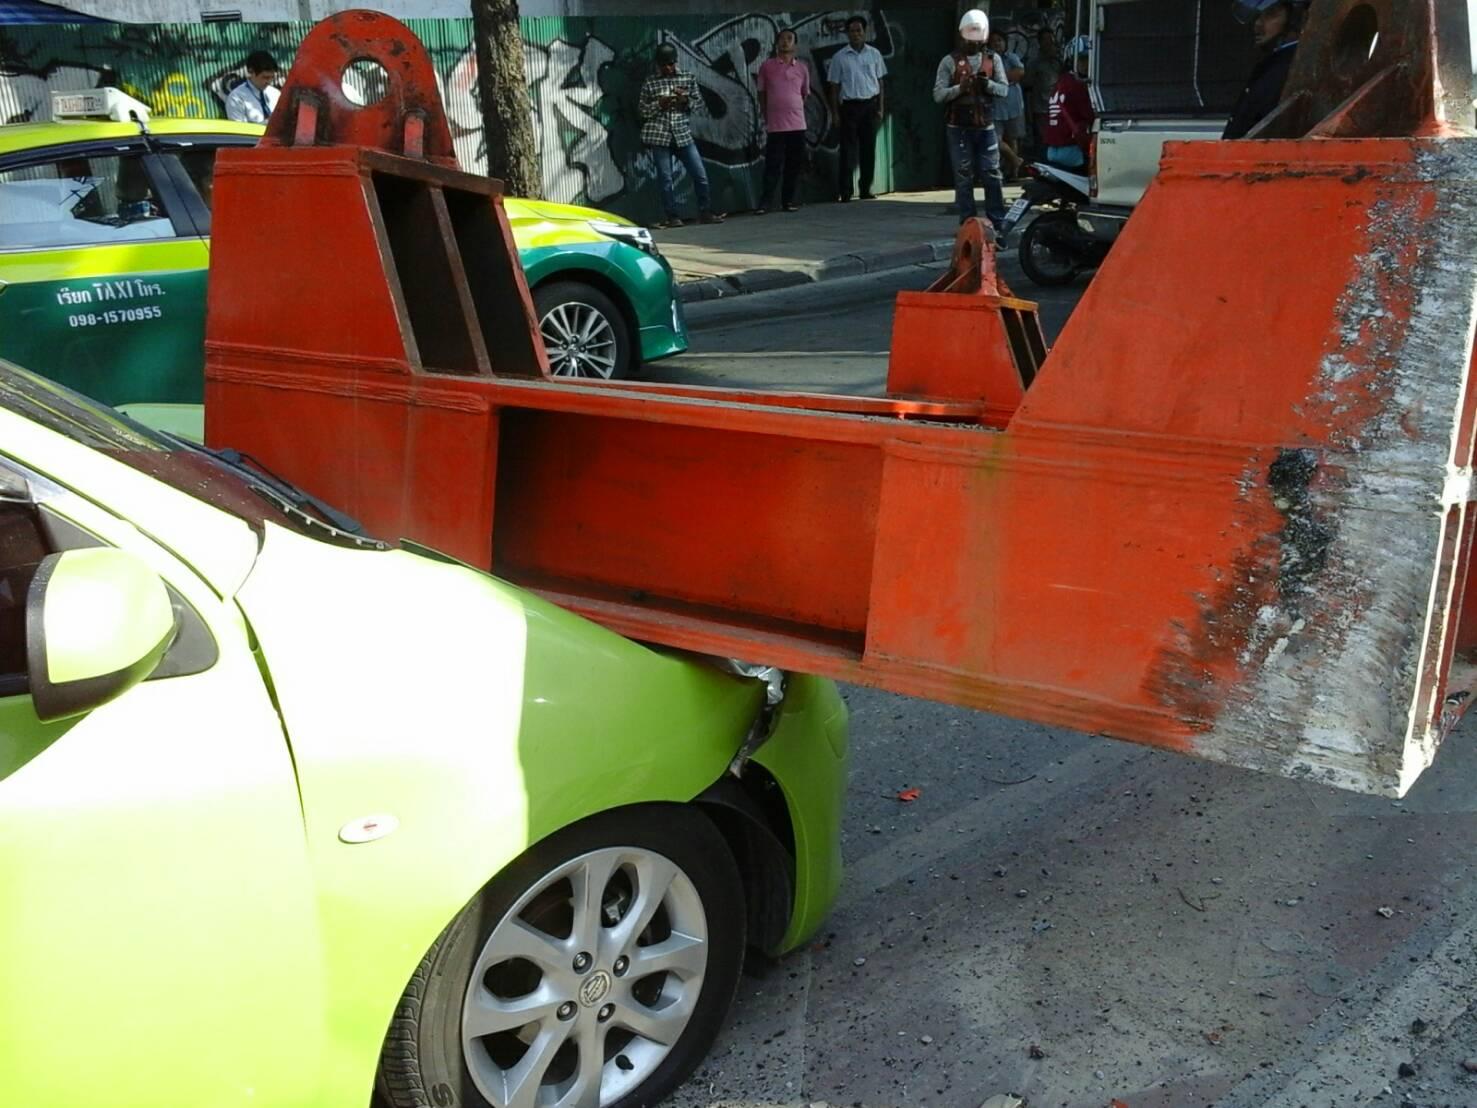 เหล็กก่อสร้างรถไฟฟ้าหล่นทับรถเก๋งสาวคลีนิกเสริมความงาม